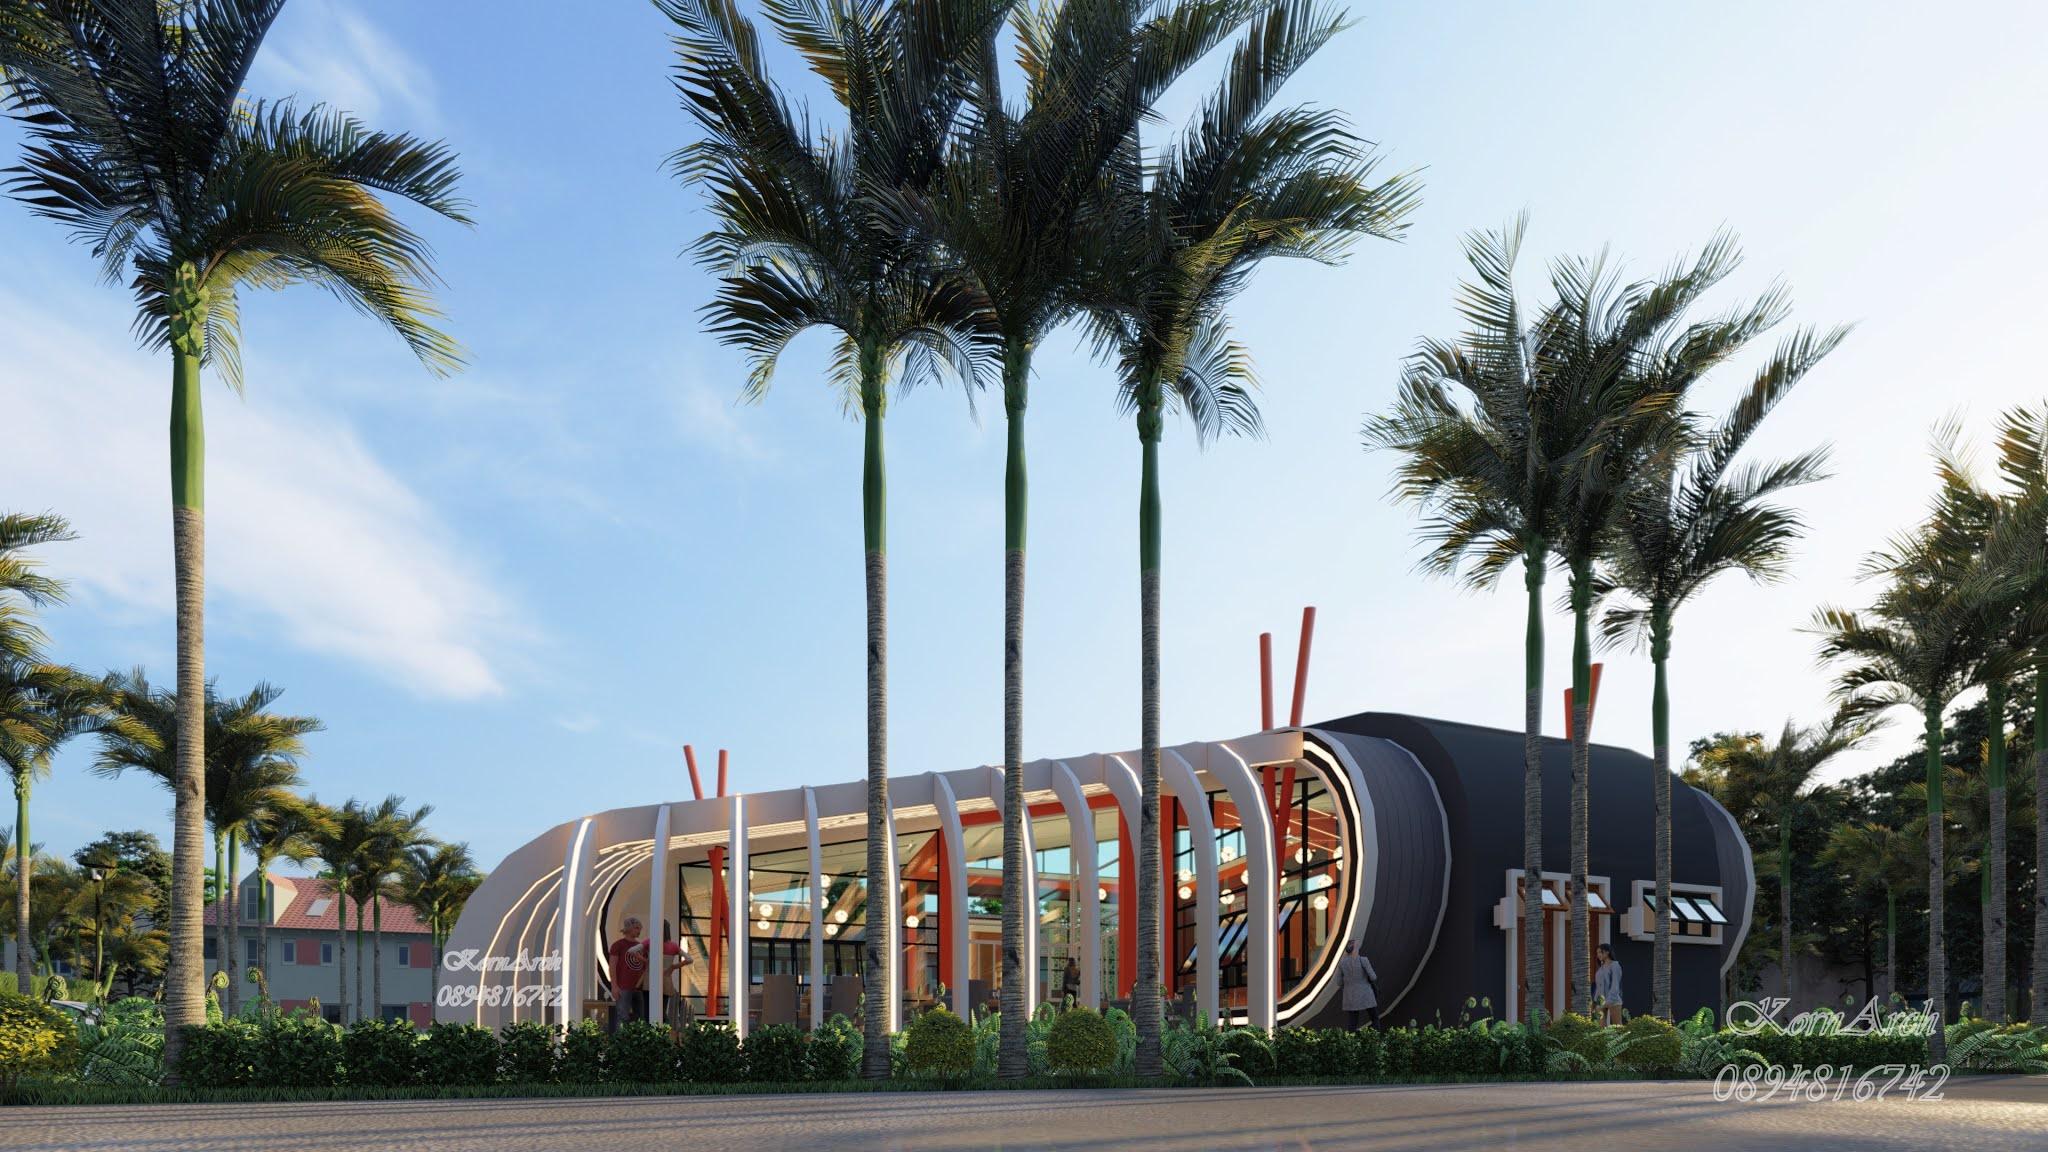 #รับออกแบบร้านอาหาร #เขียนแบบก่อสร้าง #แบบยื่นขออนุญาต #แบบโรงงาน #แบบรีสอร์ท #แบบอพาร์ทเมนท์ #แบบโรงแรม #แบบบ้านโมเดิร์น #แบบออฟฟิศ #สถาปนิก 0894816742